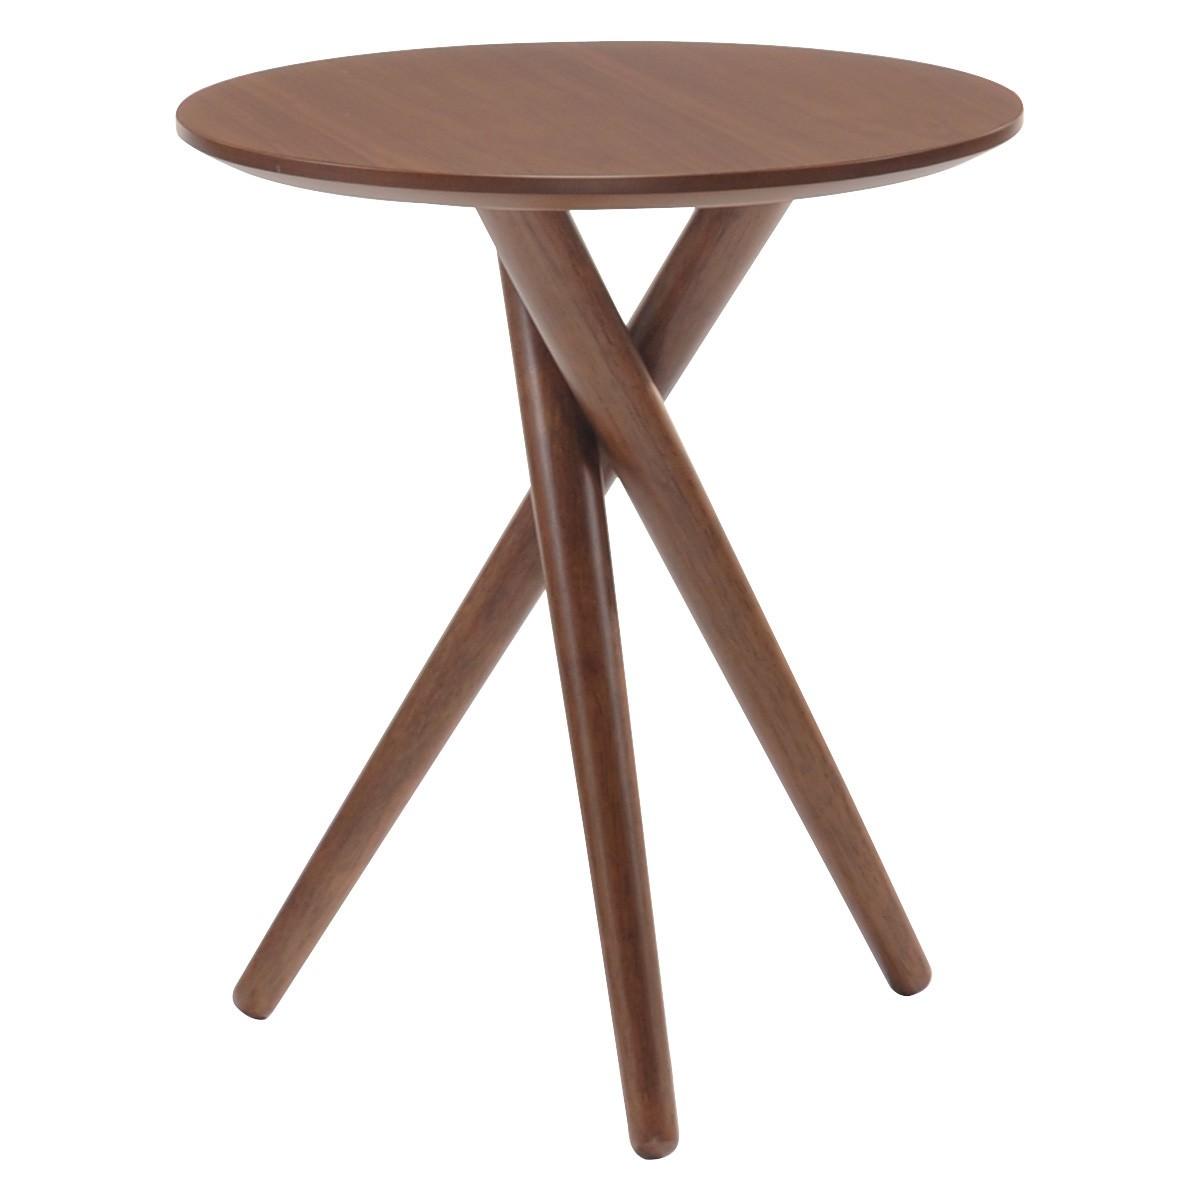 Bodie Wooden Round Side Table, Walnut